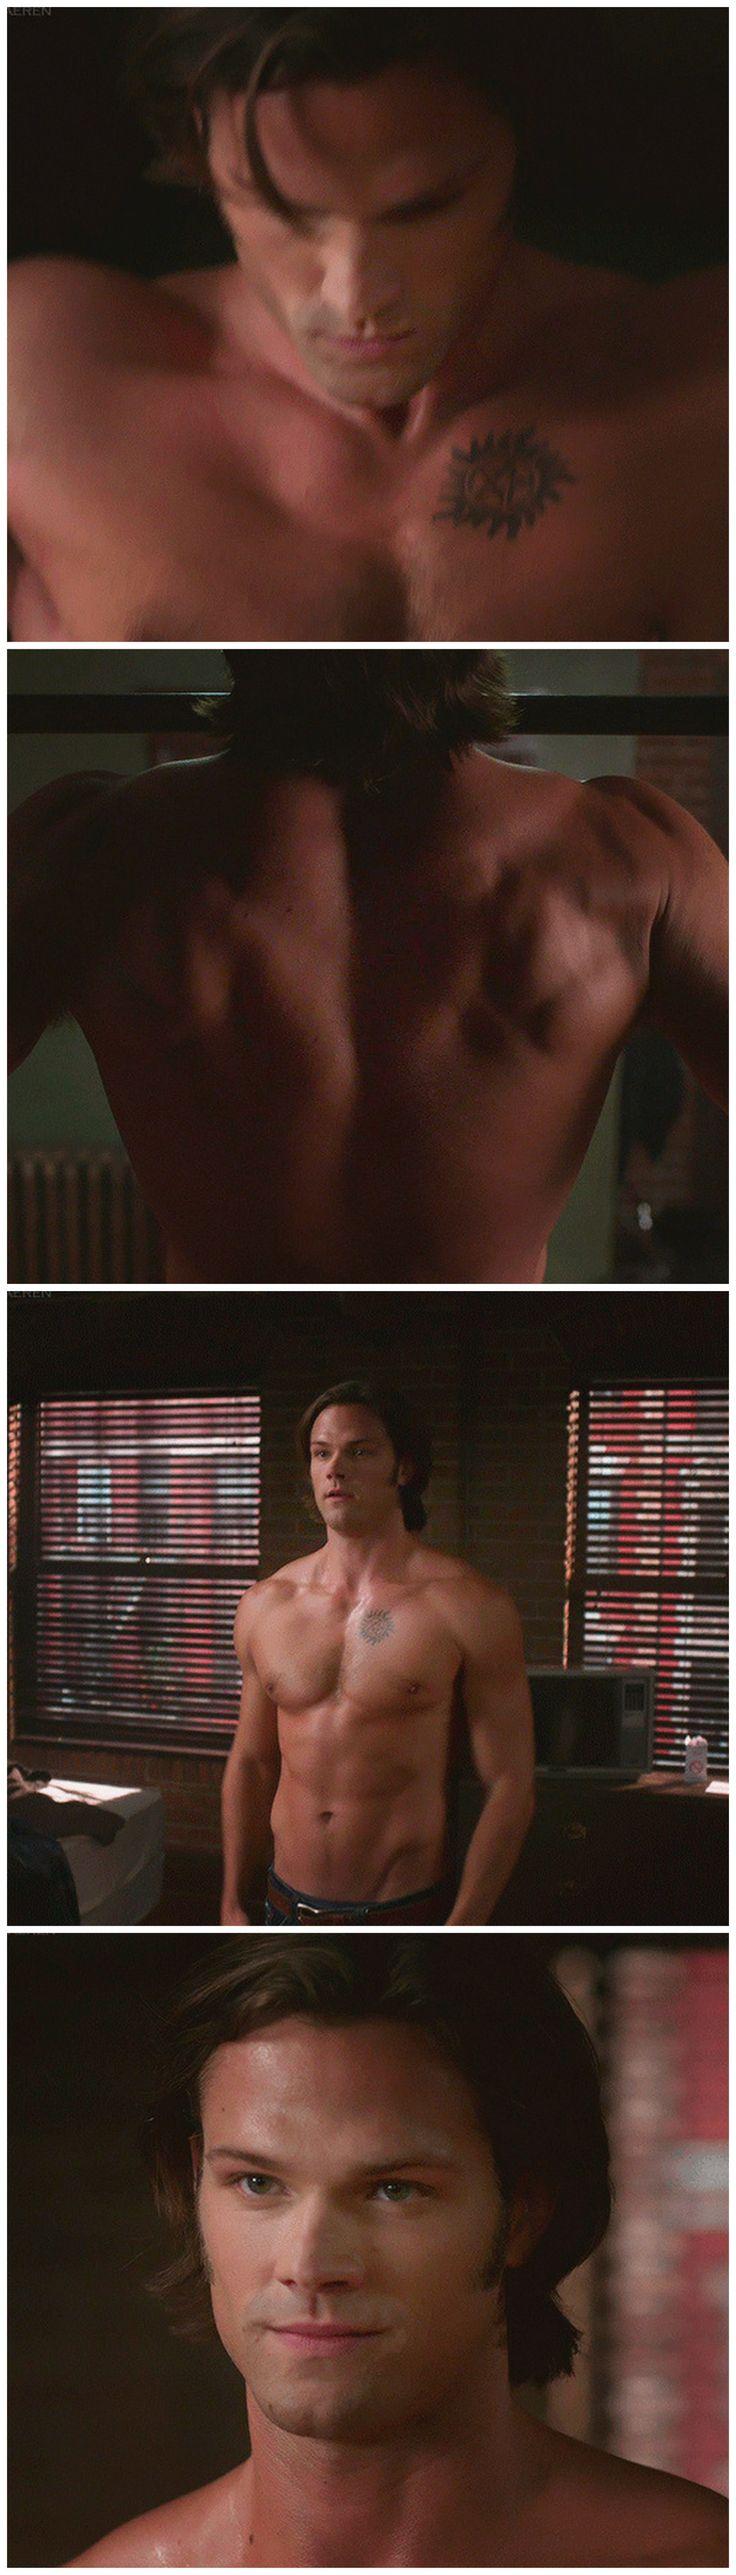 [gifset] Half naked Sam - start your morning off right ;) 6x03 The Third Man #SPN #Sam #SoullessSam